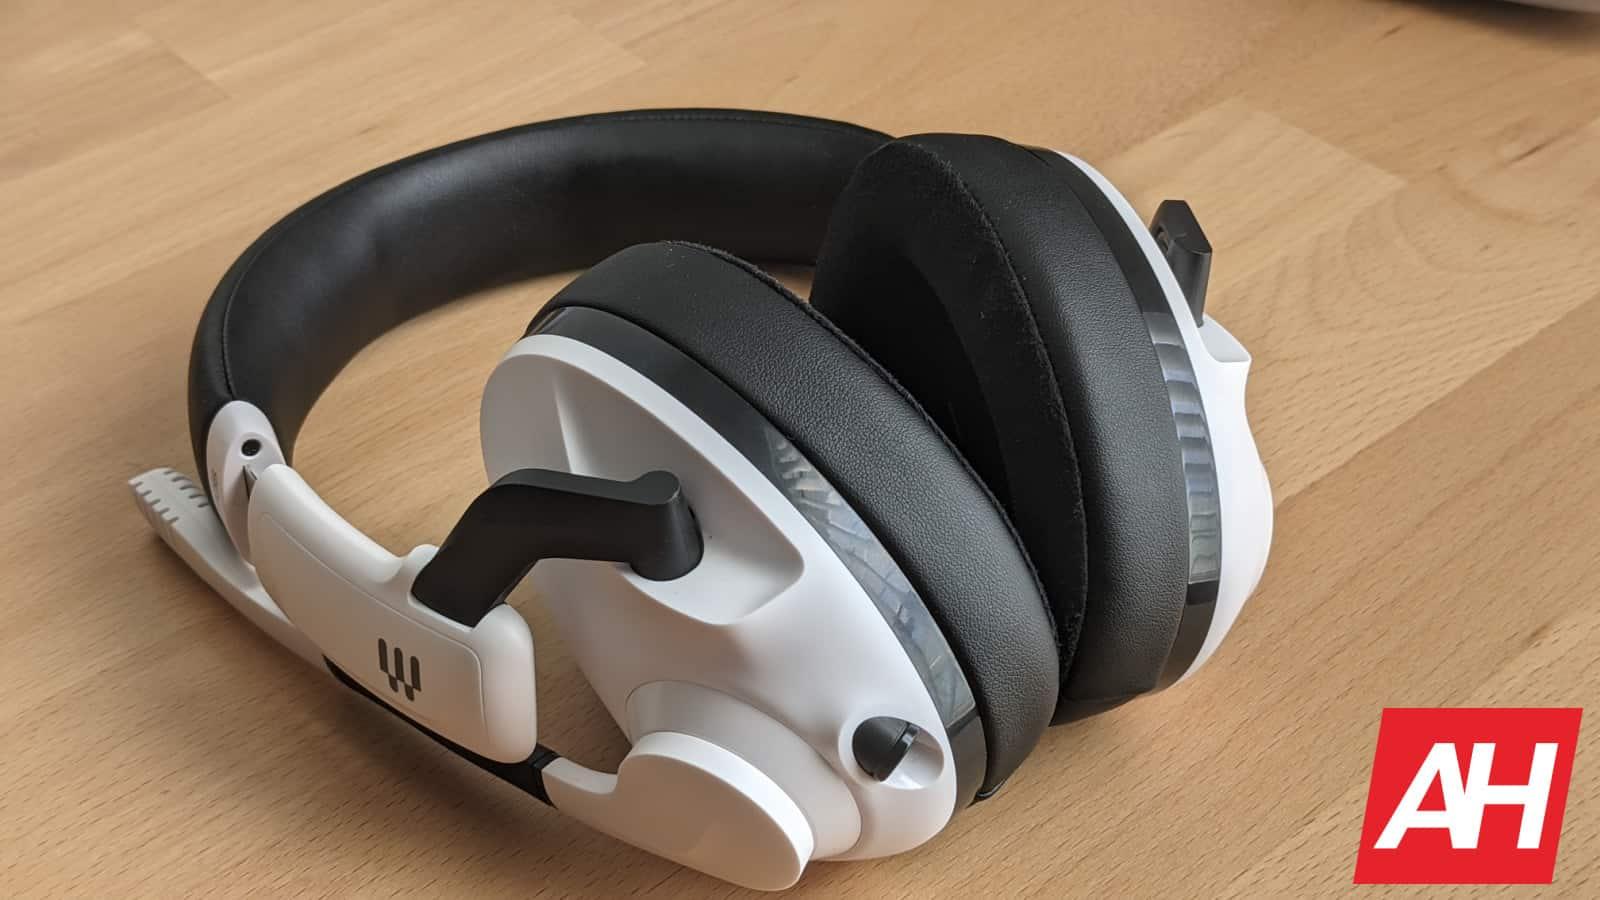 EPOS H3 Gaming Headset 10